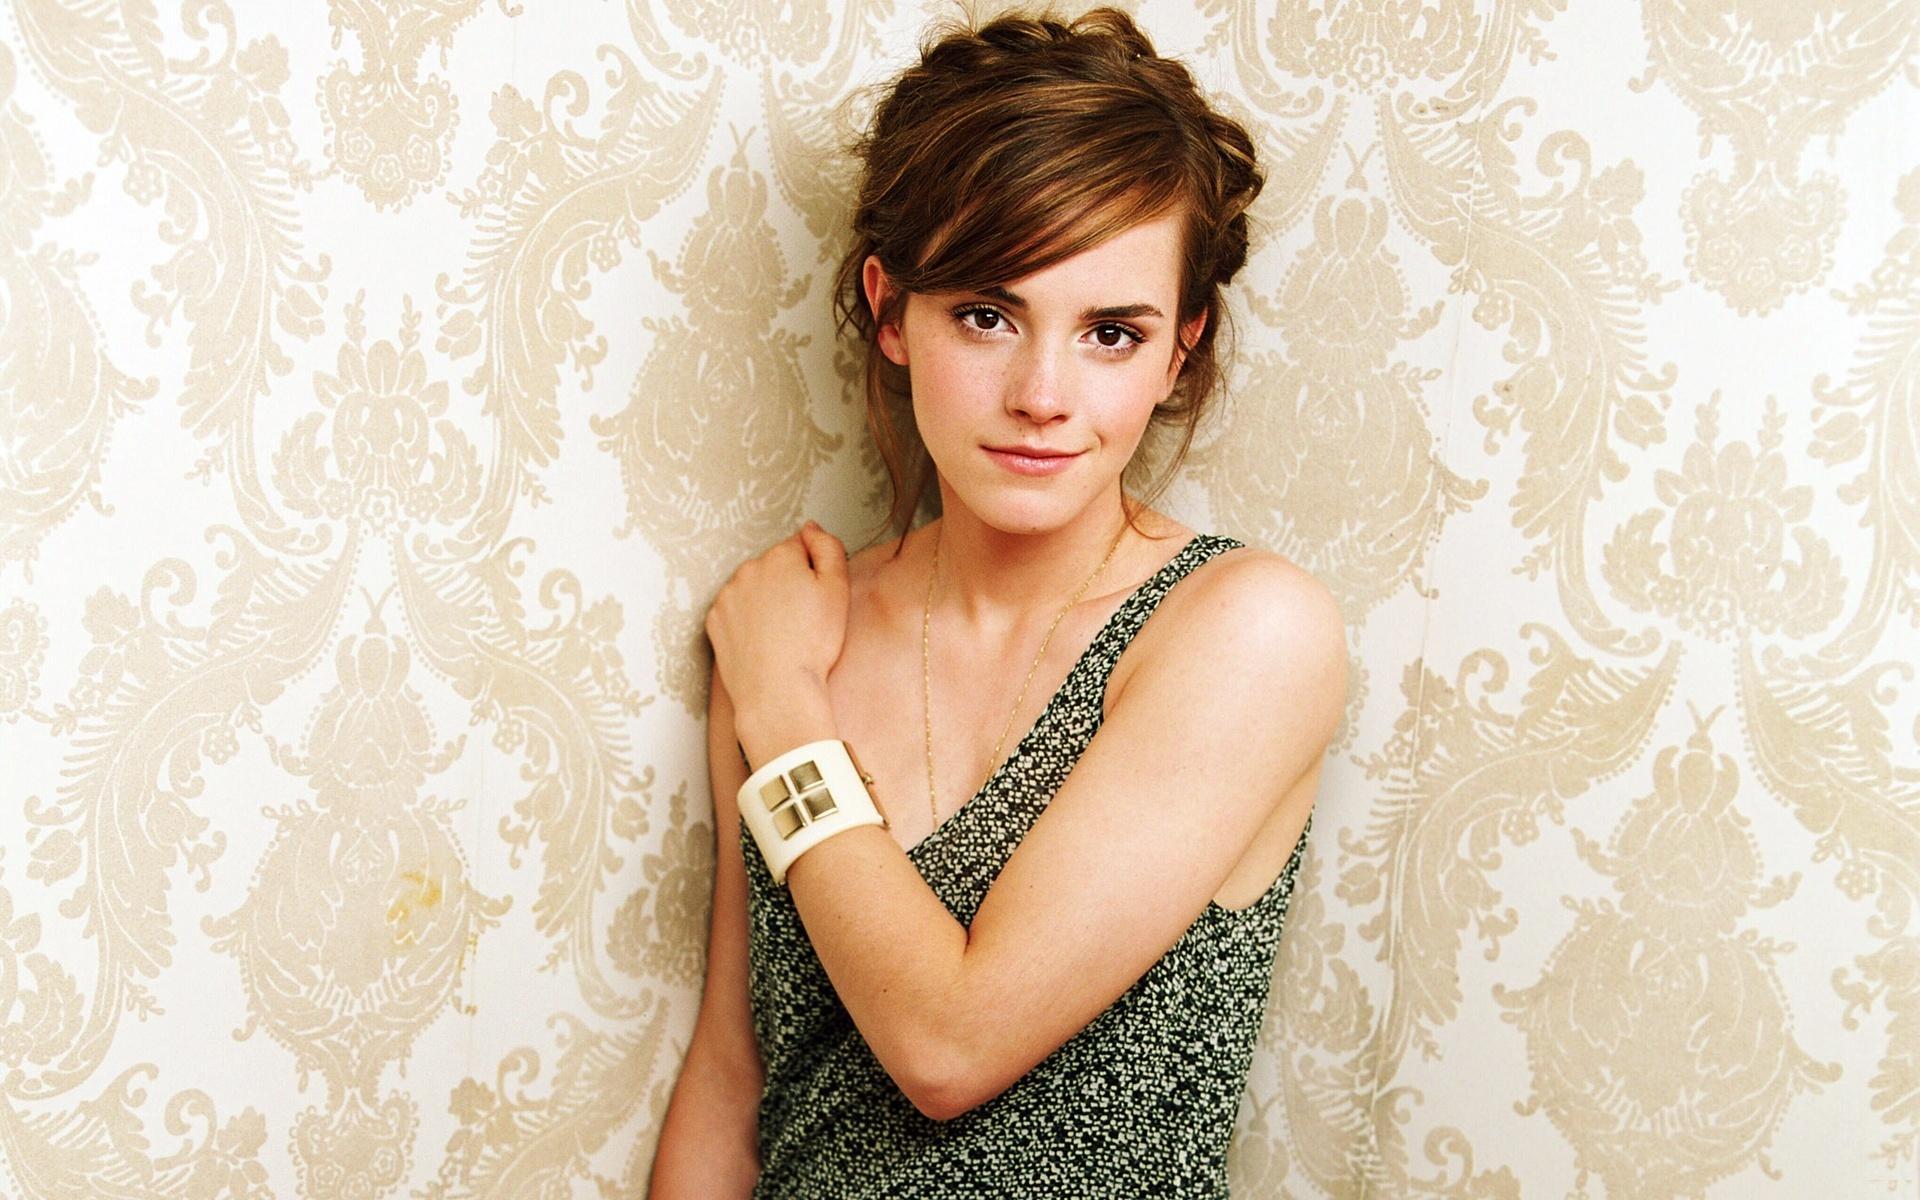 Emma Watson HD Wallpapers 2015 1920x1200